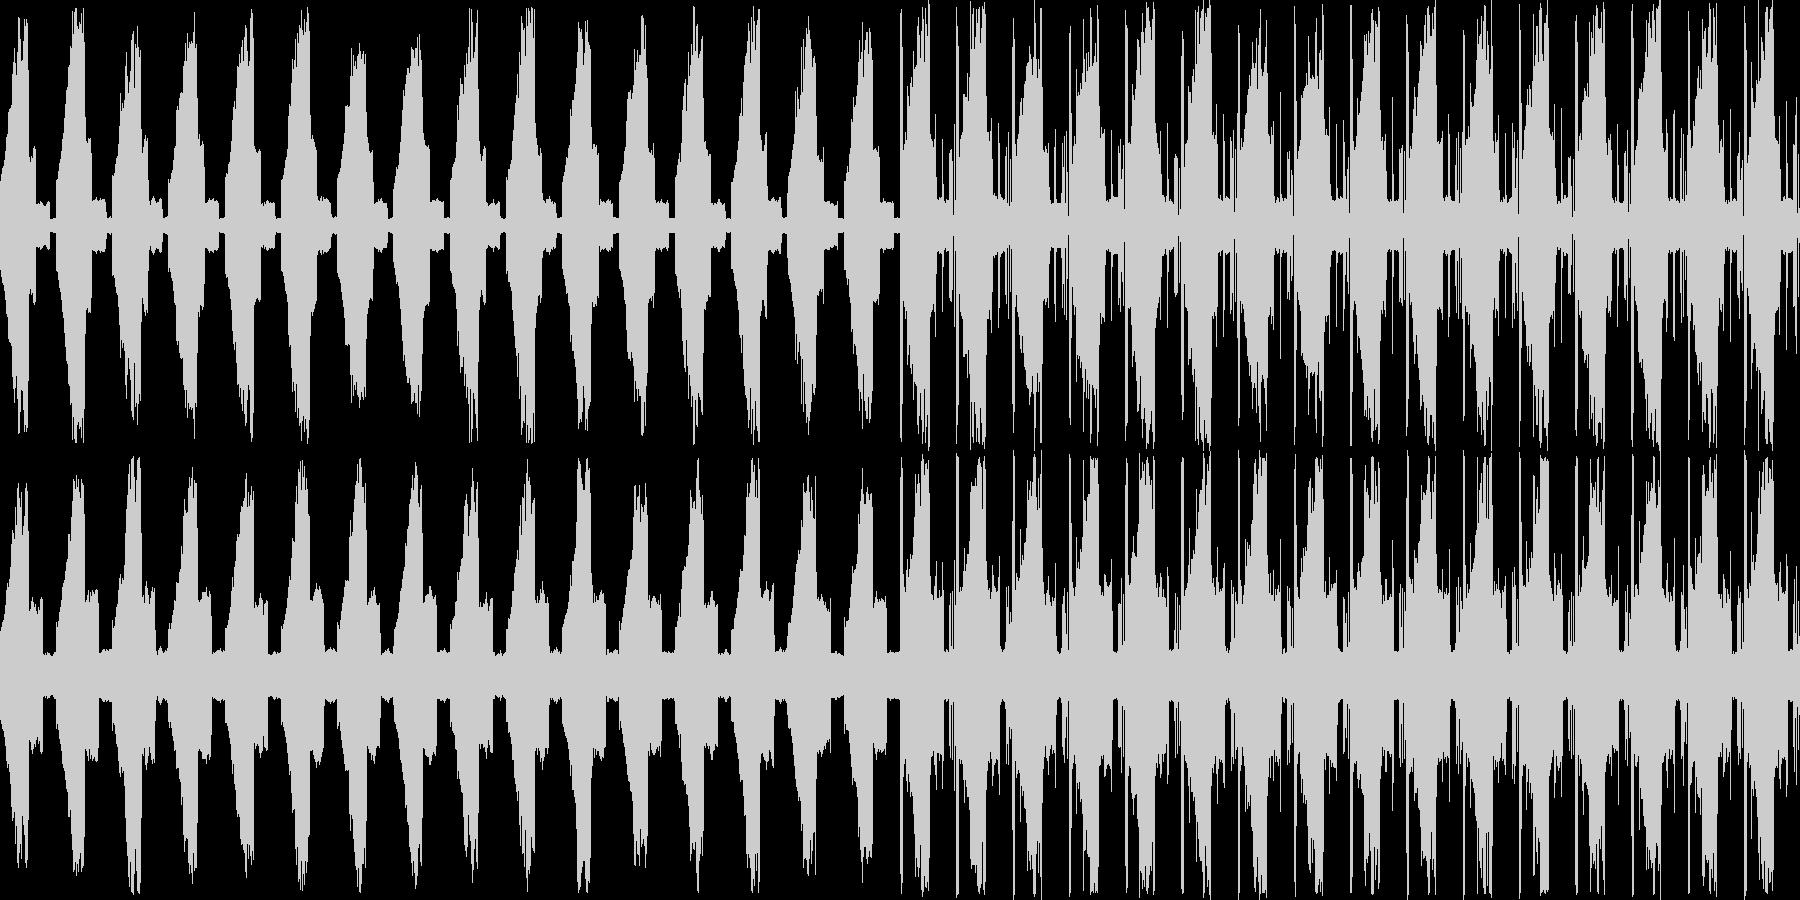 幻想的で浮遊感のあるお洒落な電子音の未再生の波形